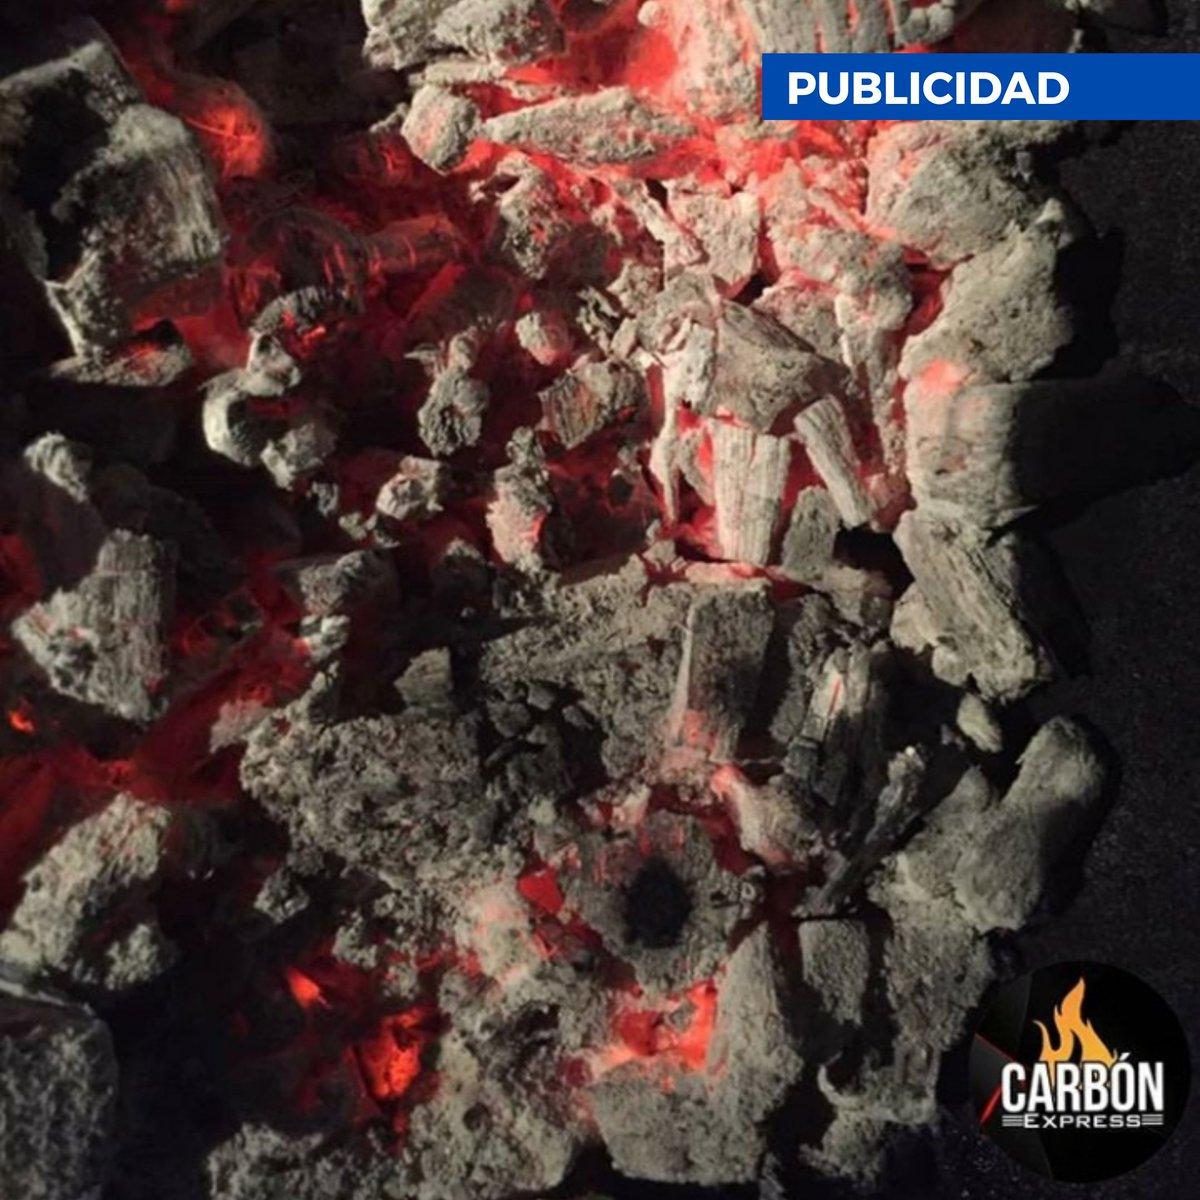 @carbonexpress_   Tus aliados para cocinar las parrillas en familia.  ¿A quién no le provoca una parrilla? Y lo mejor es que @carbonexpress_ es de encendido rápido.  Consíguelo en los principales bodegones de Cumaná.  #Prensalternativa #Cumaná #Sucre #Venezuela #28Octubre https://t.co/mDpI8Murn1